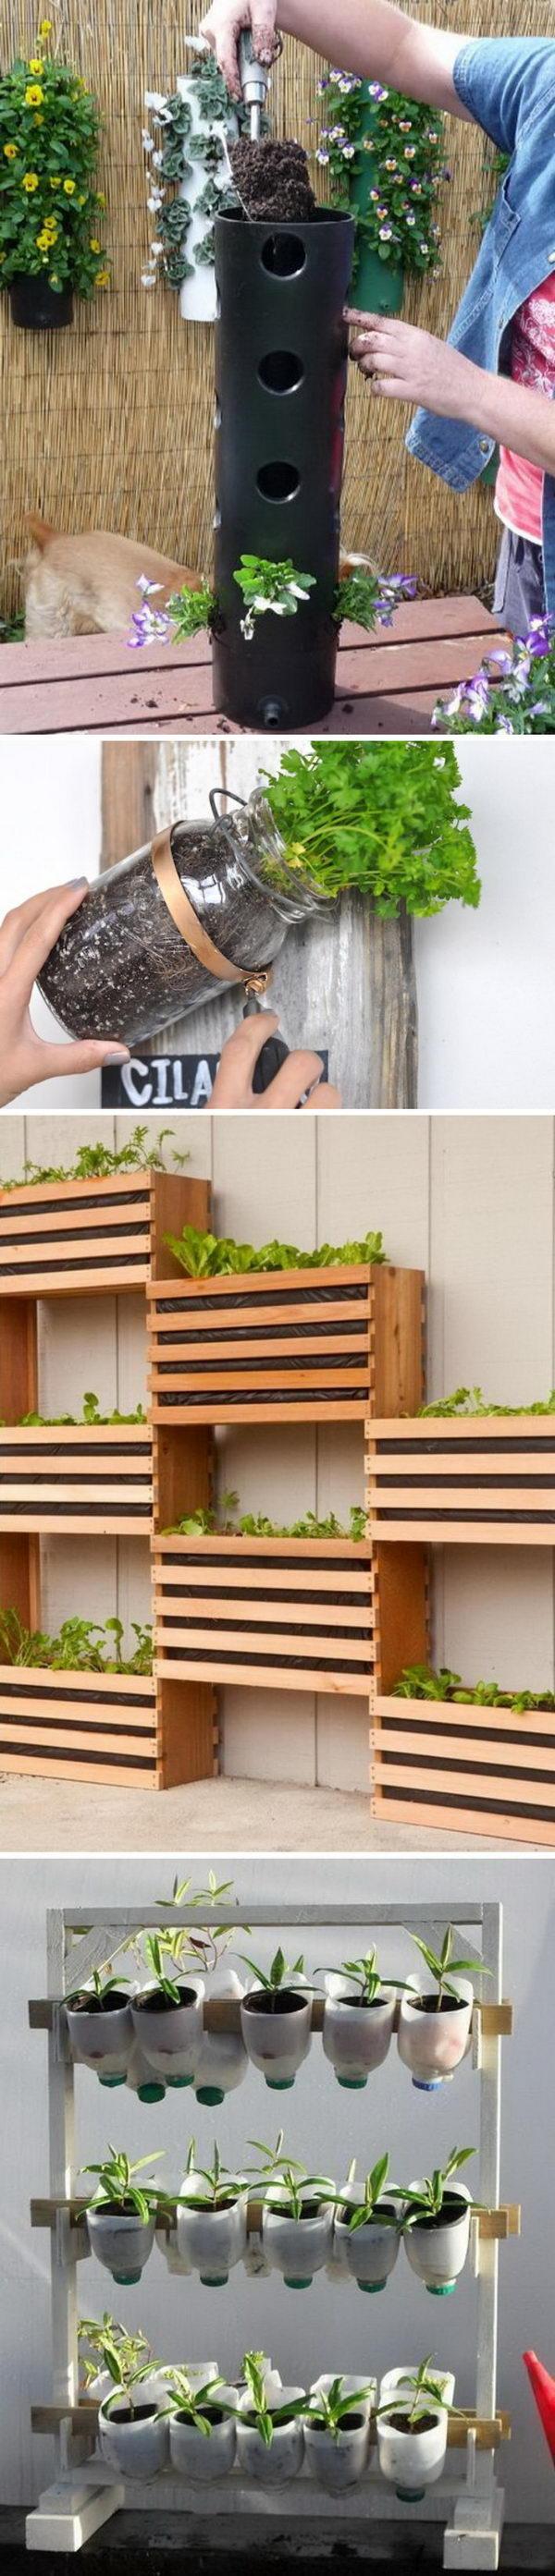 Awesome Vertical Garden Ideas.